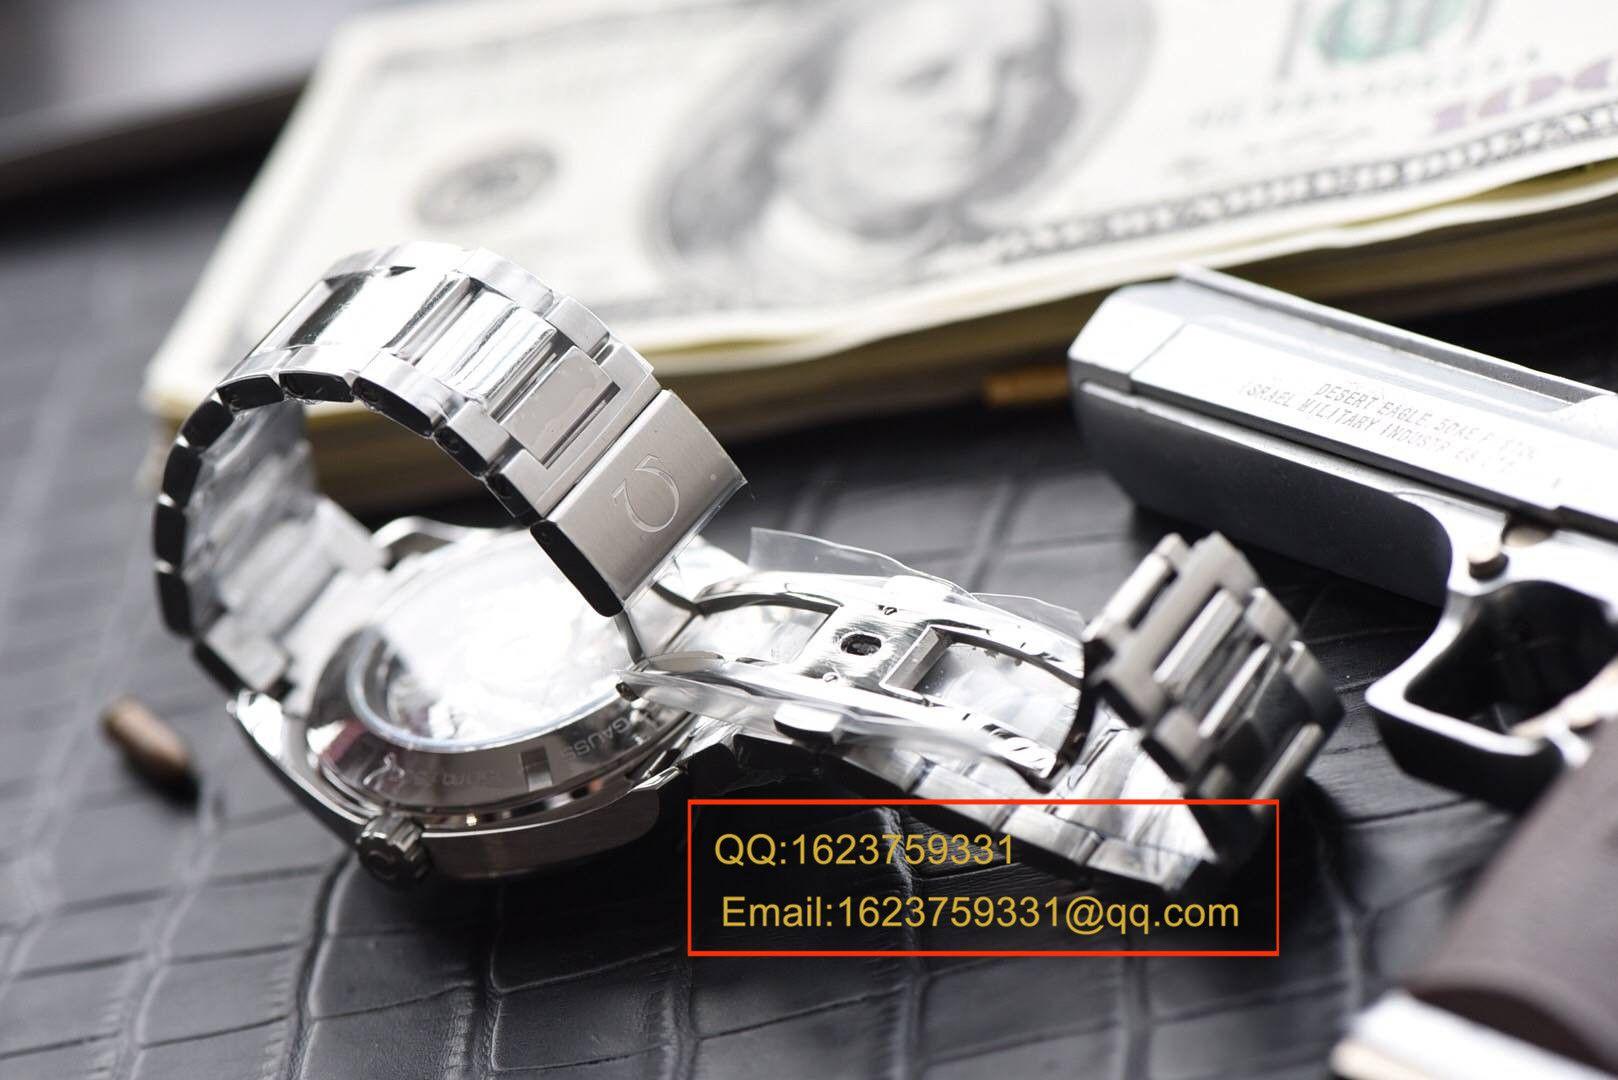 【KW一比一超A高仿手表】欧米茄海马系列 007詹姆斯邦德限量版 231.10.42.21.03.004机械腕表